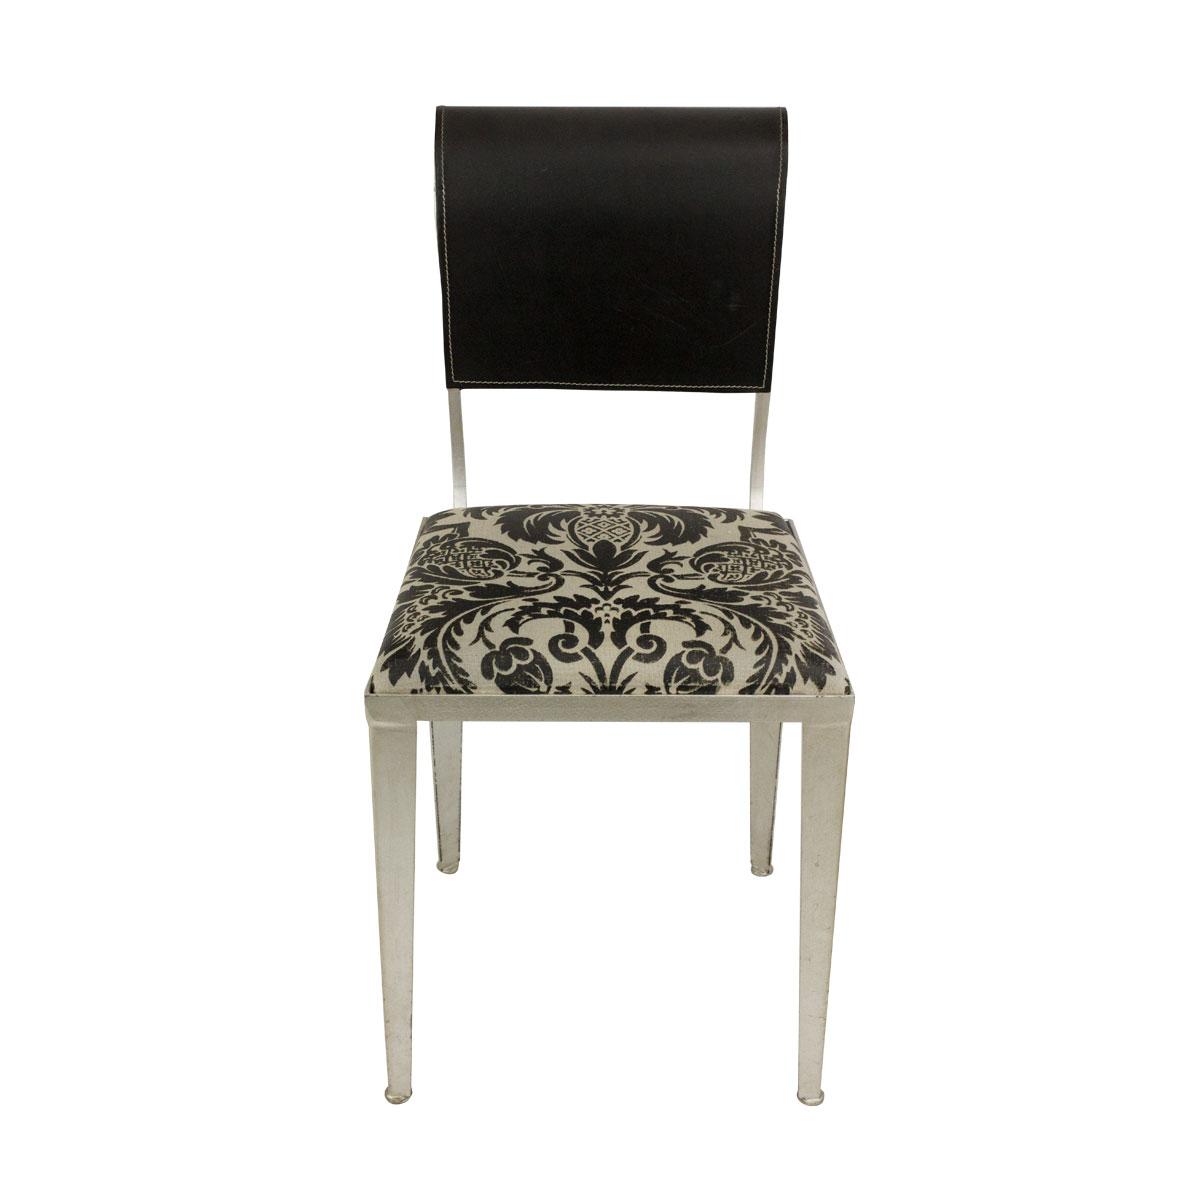 Купить Стул Banci Lucrezia из ткани белого цвета с черным орнаментом, inmyroom, Италия